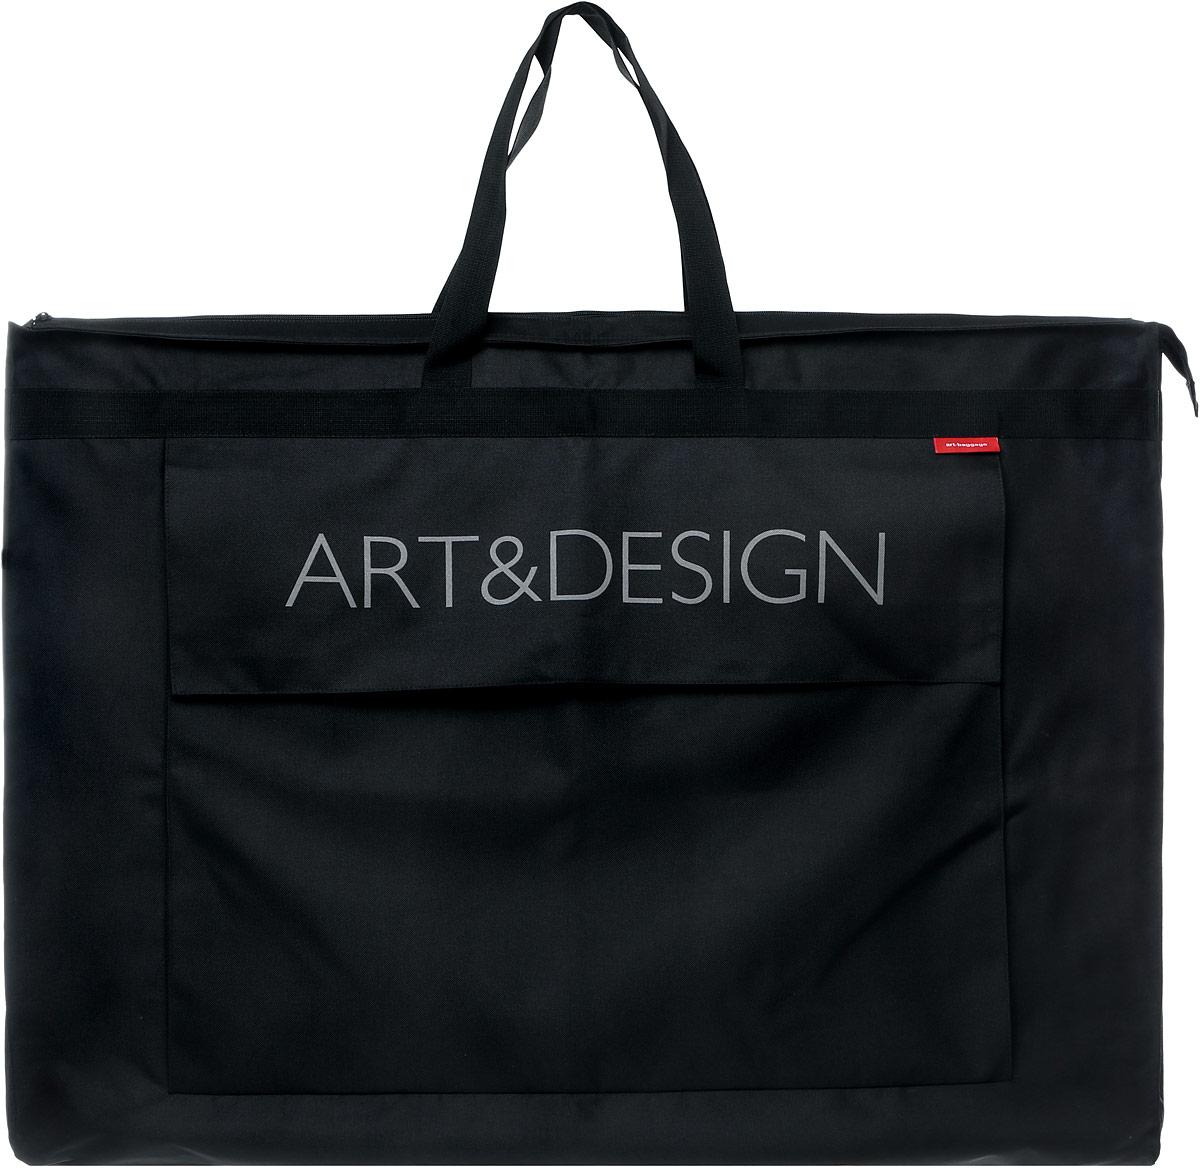 Сумка для подрамников Аntan Art&Design, цвет: черный. 6-1046-104Сумка для подрамников Аntan Art&Design выполнена из высококачественного полиэстера и оформлена фирменной надписью. Сумка оснащена удобными ручками и съемным плечевым ремнем, длина которого регулируется с помощью пряжки. Внутри расположено вместительное отделение. Изделие закрывается на застежку-молнию.